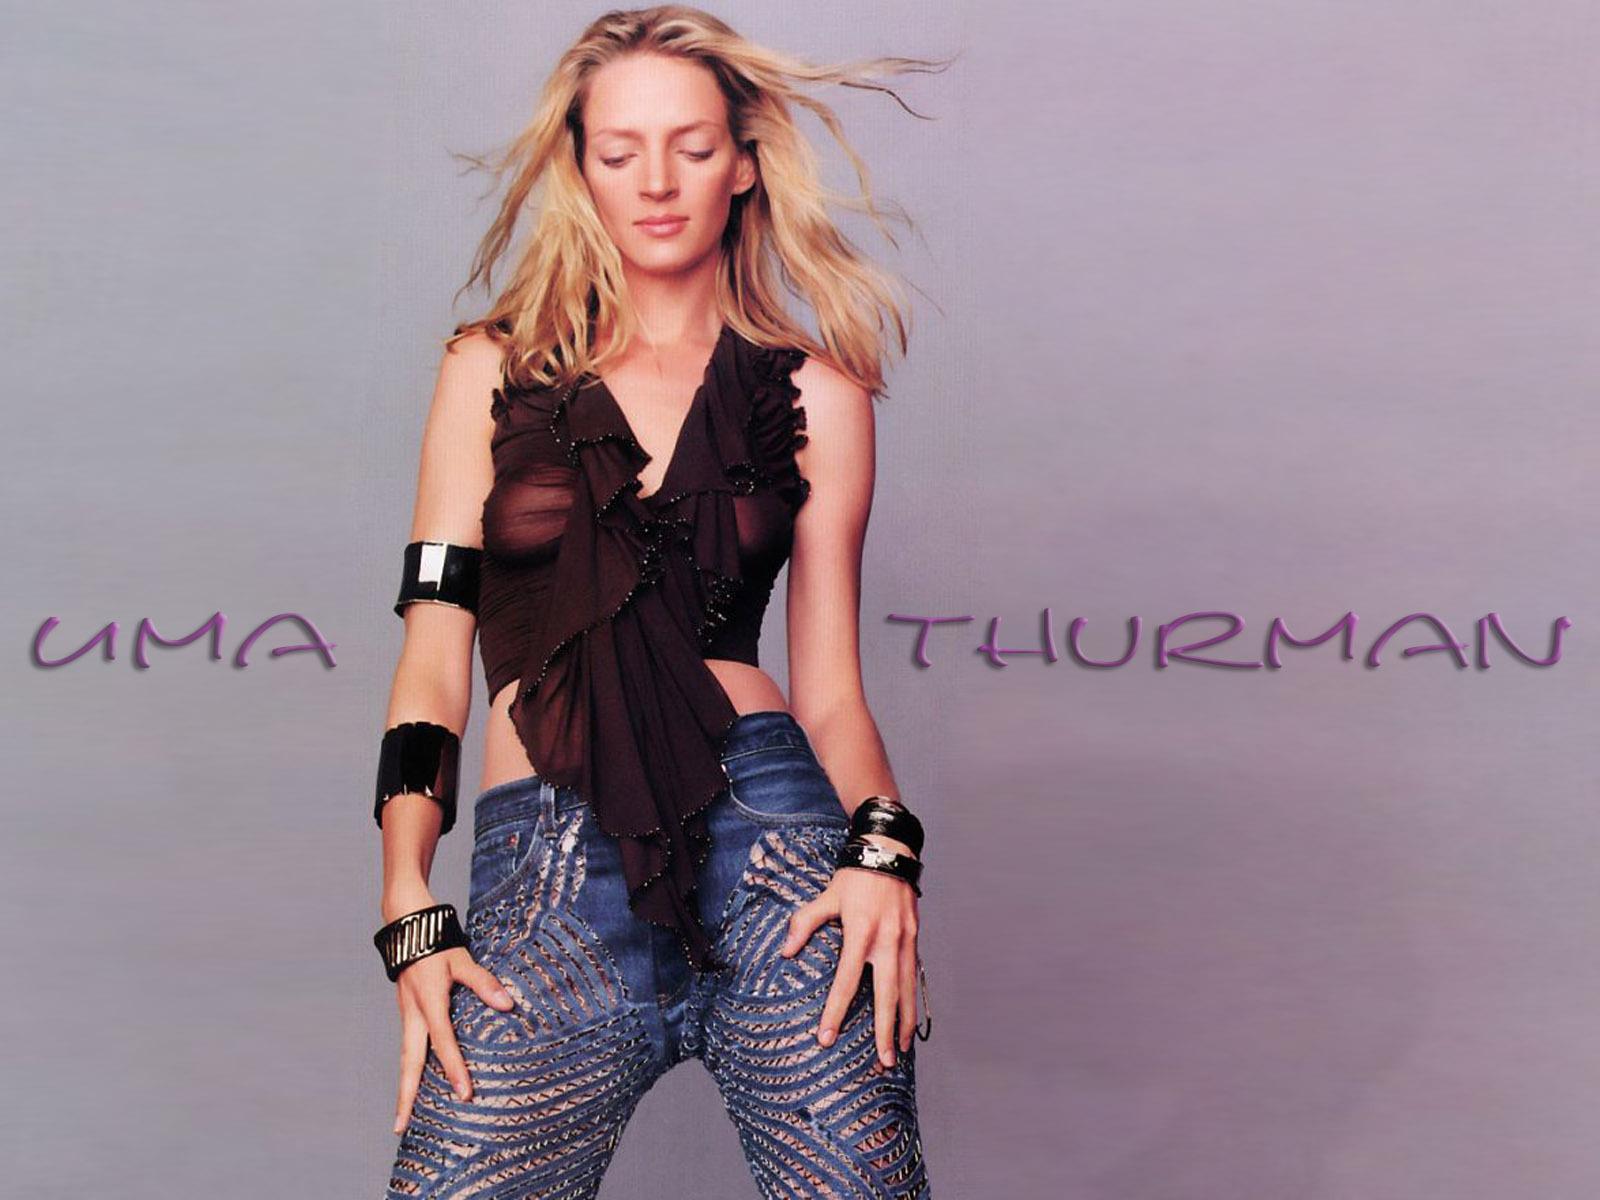 Uma Thurman - Image Ma... Uma Thurman Roblox